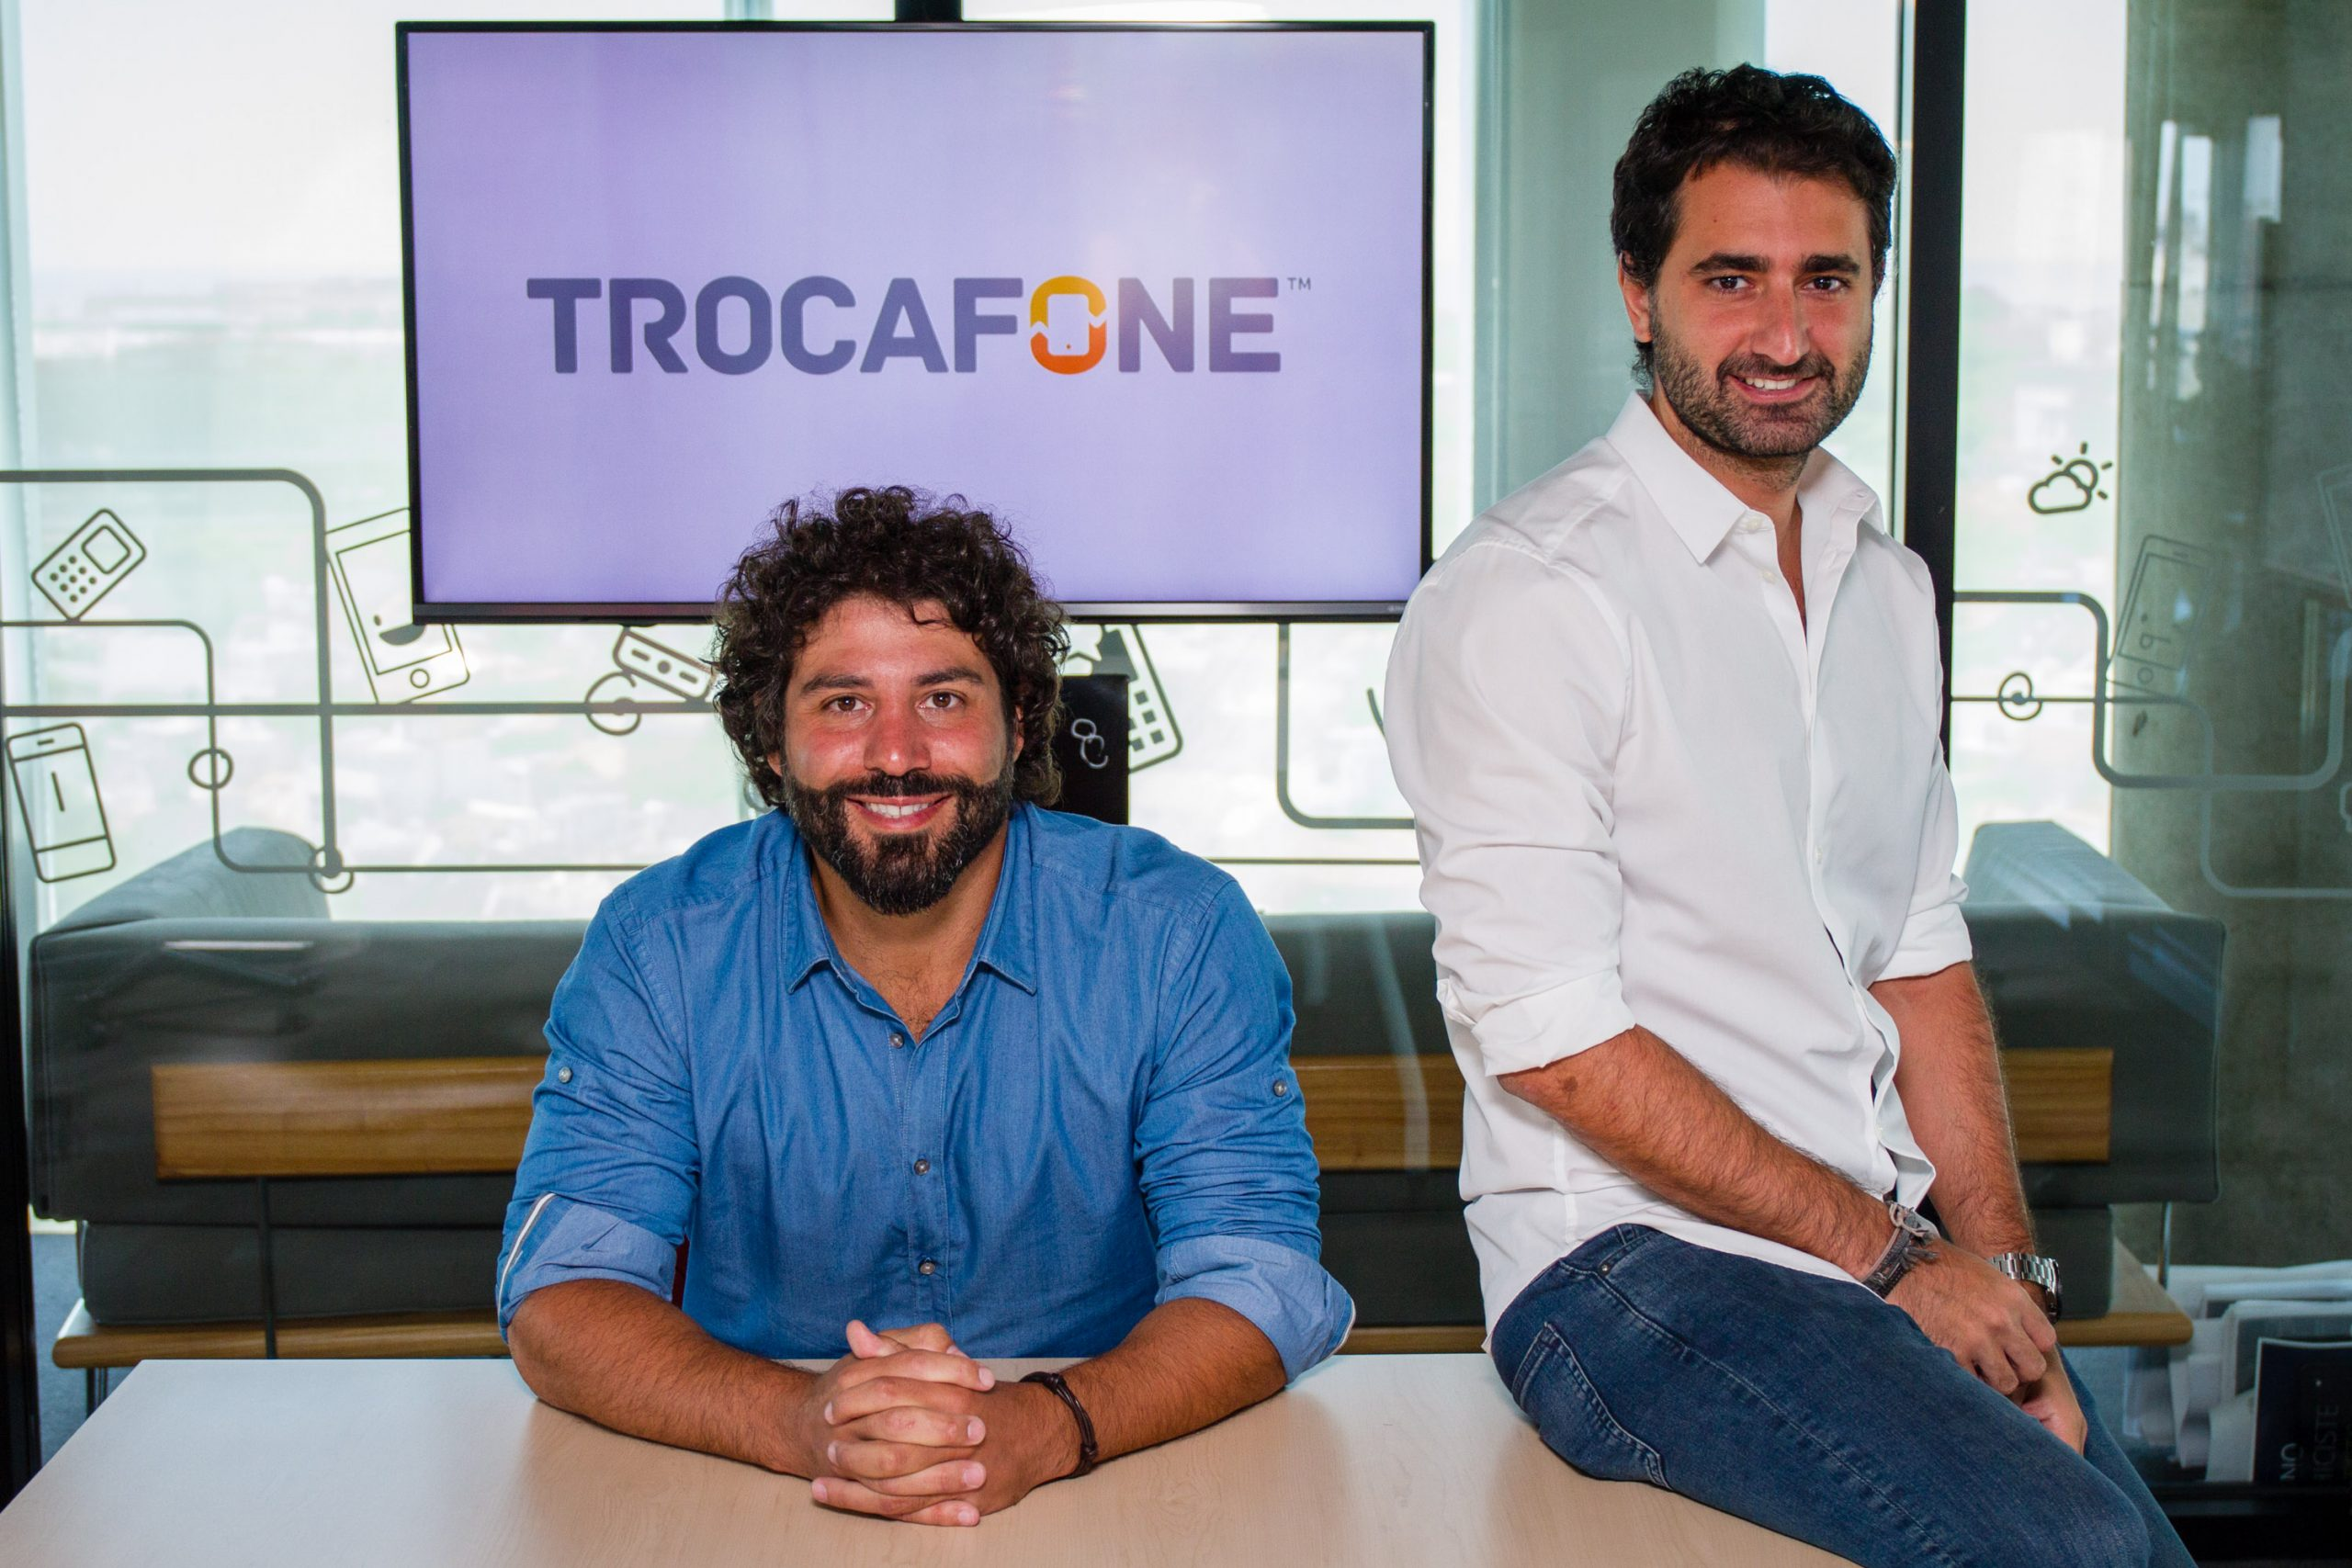 Entrevista a los fundadores de Trocafone de Wayra Brasil